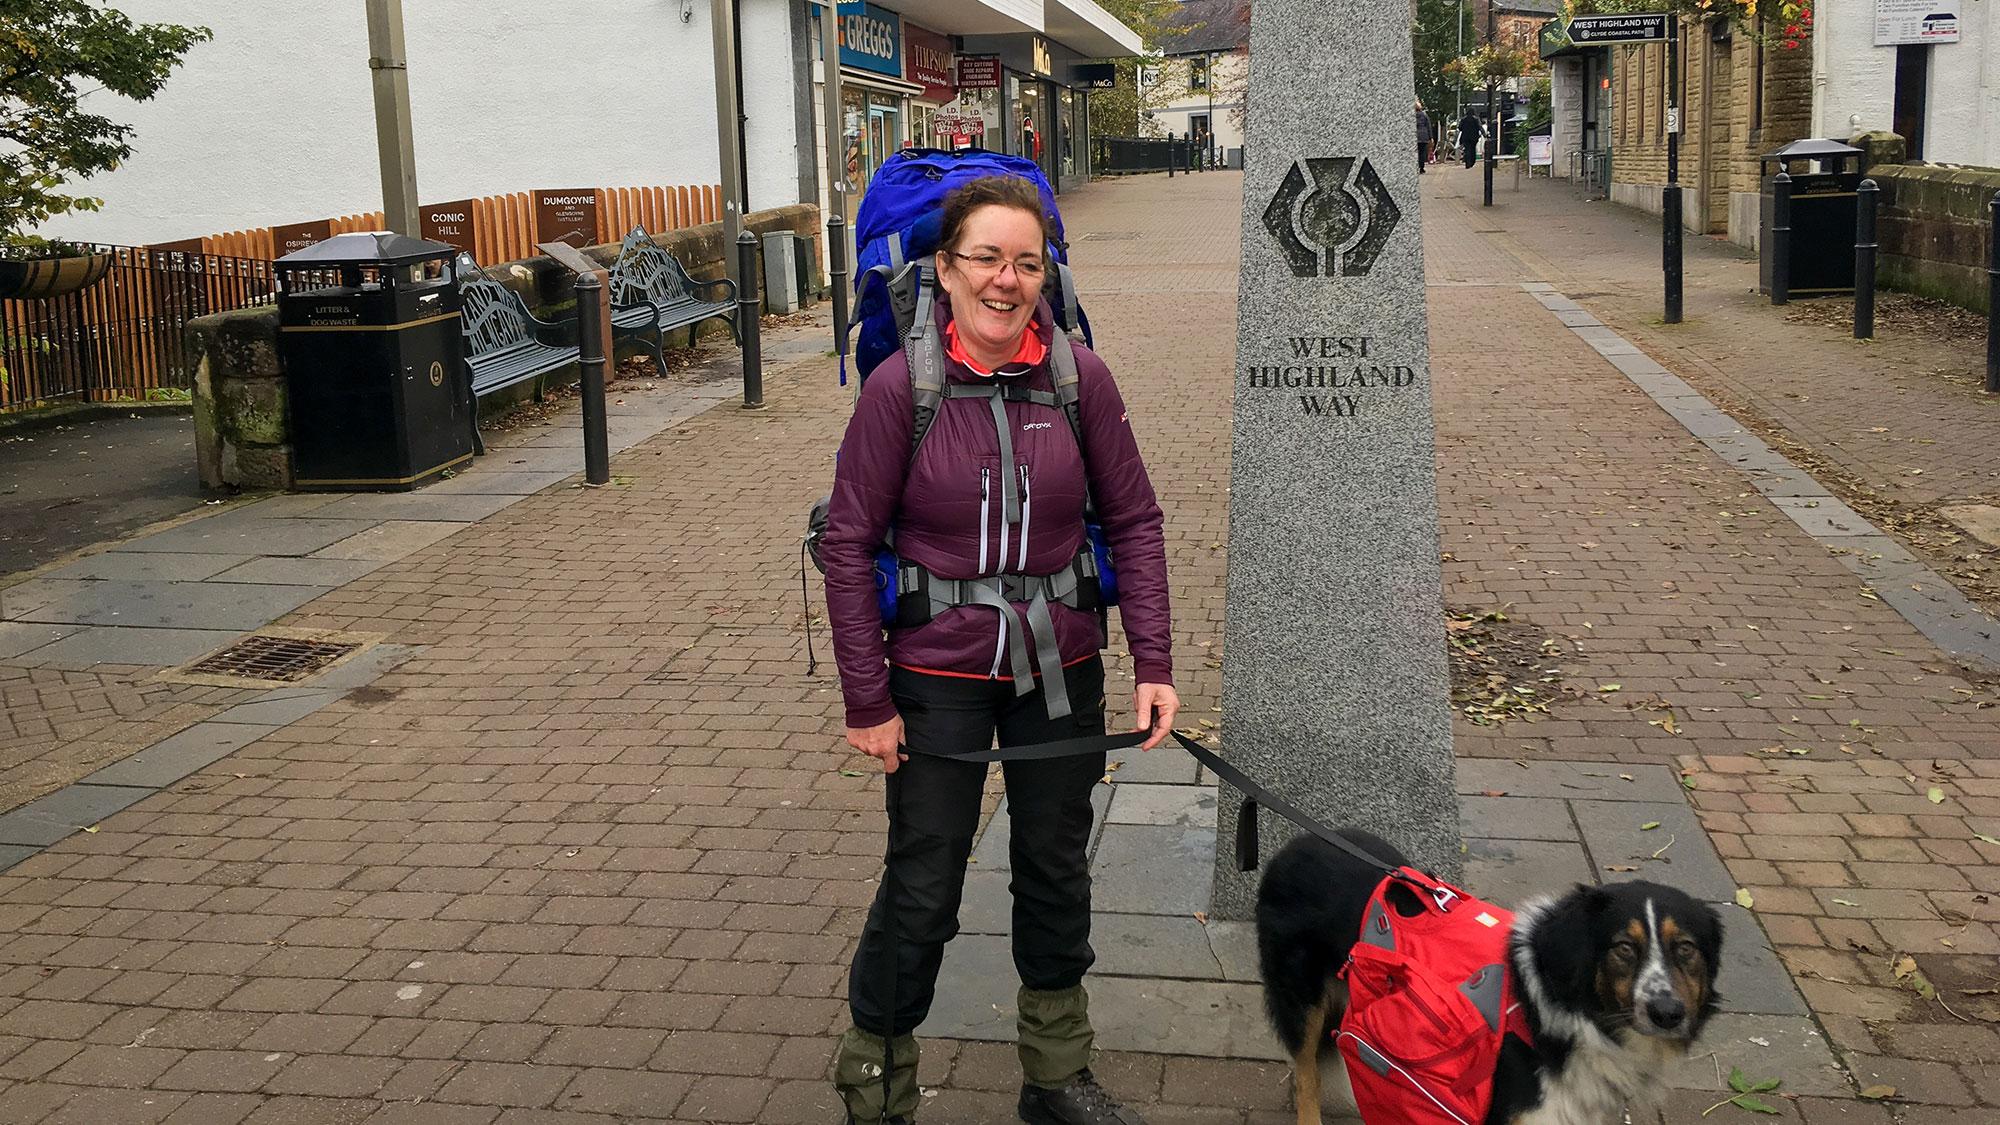 Frau mit Rucksack und Hund vor dem West Highland Way Stein in Milngavie